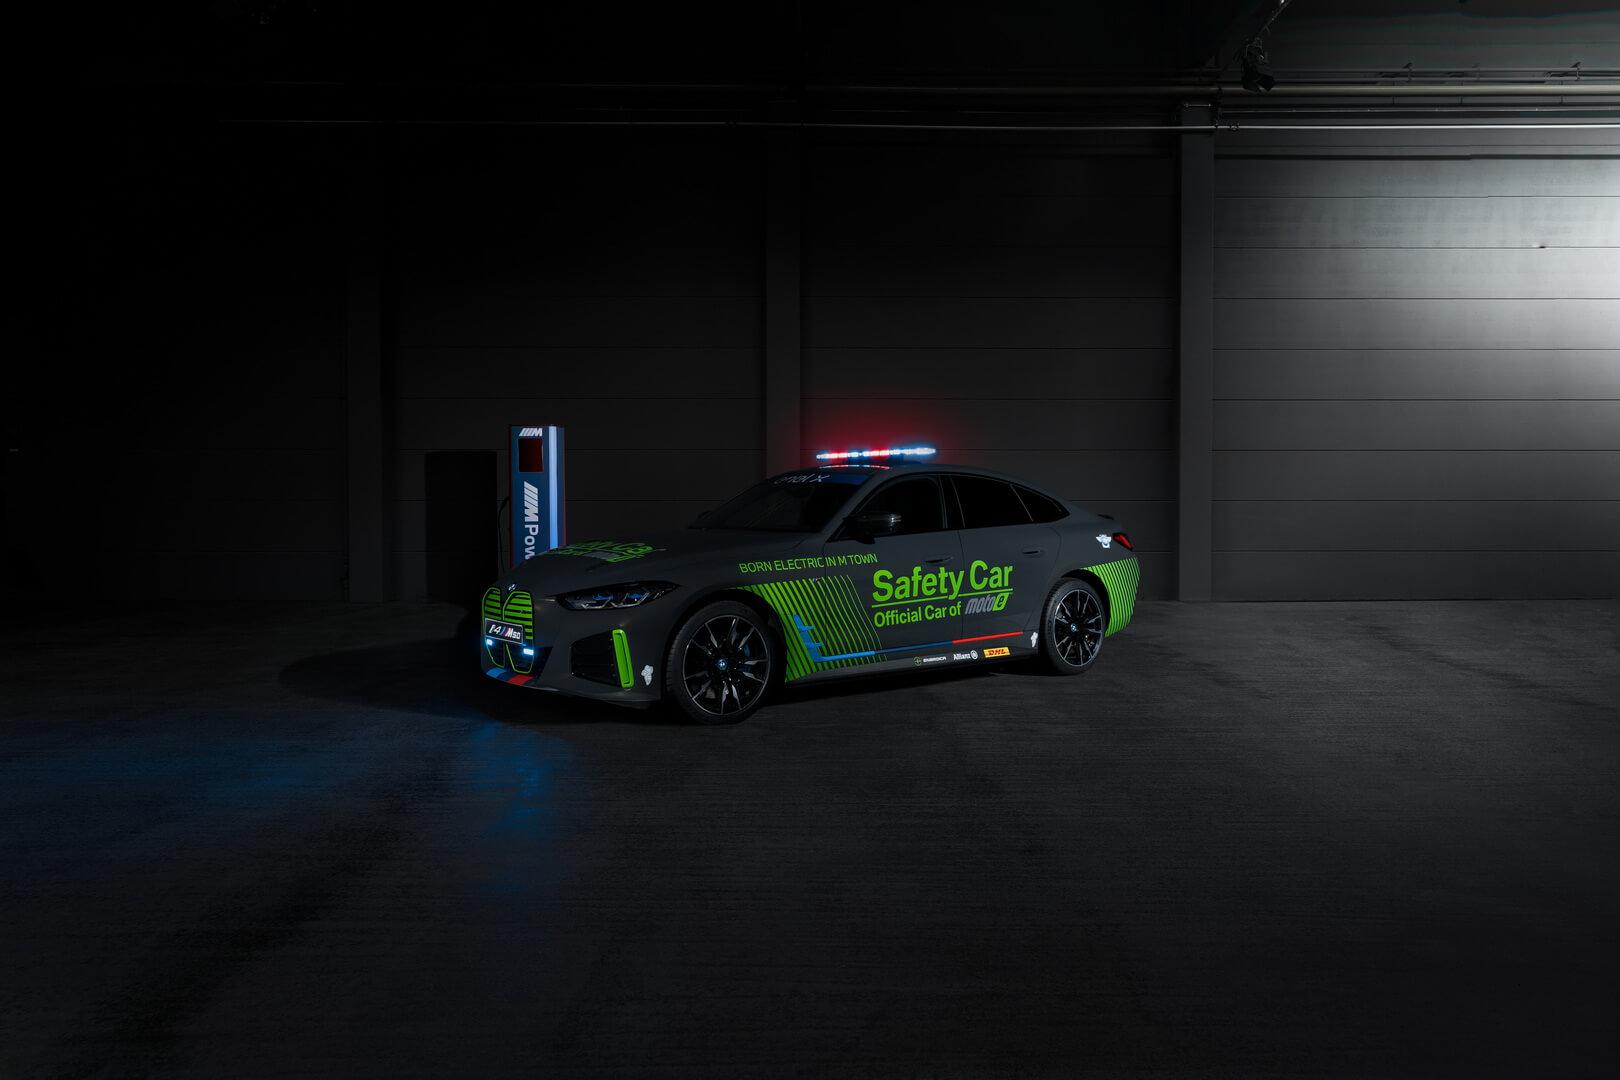 BMW i4 M50 дебютирует в качестве первого электромобиля безопасности компании